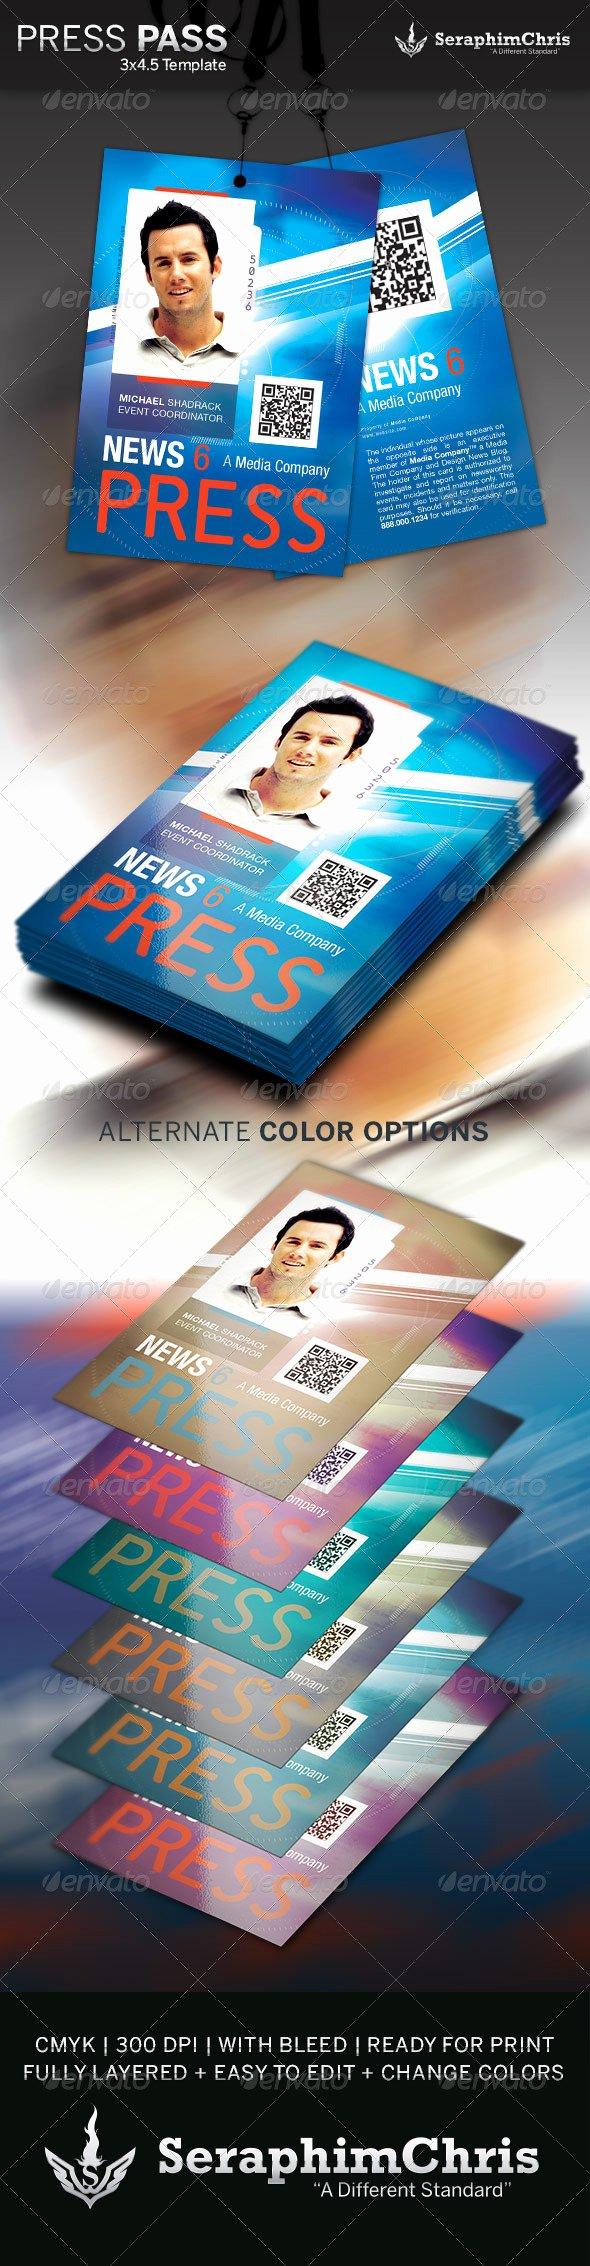 Press Pass Template Free Beautiful Press Pass Template 3